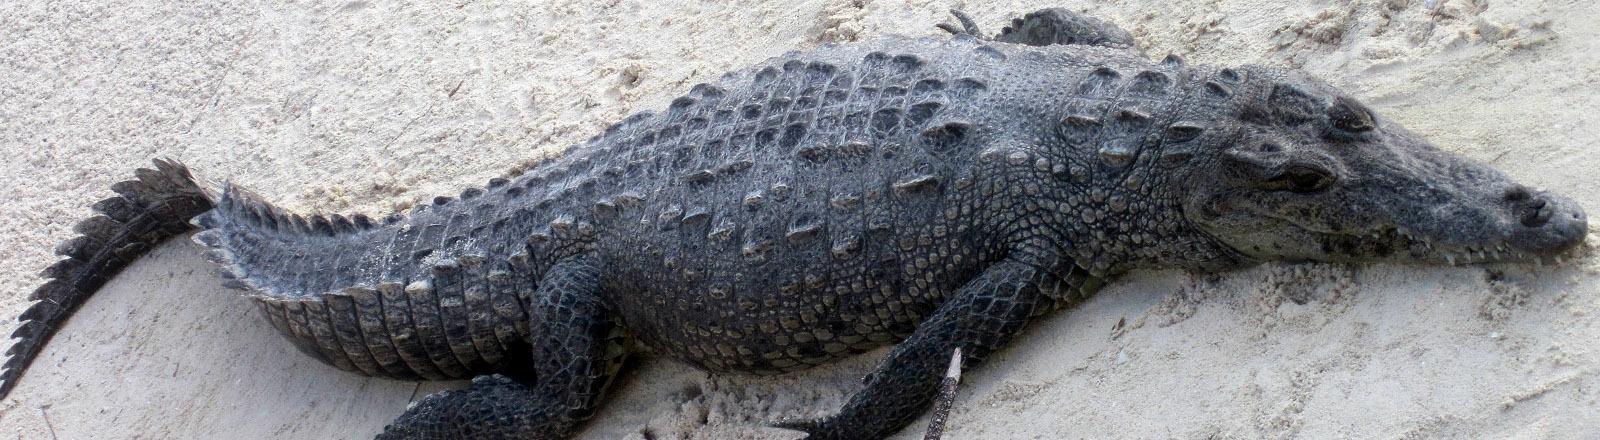 Ein Alligator an einem Sandstrand.